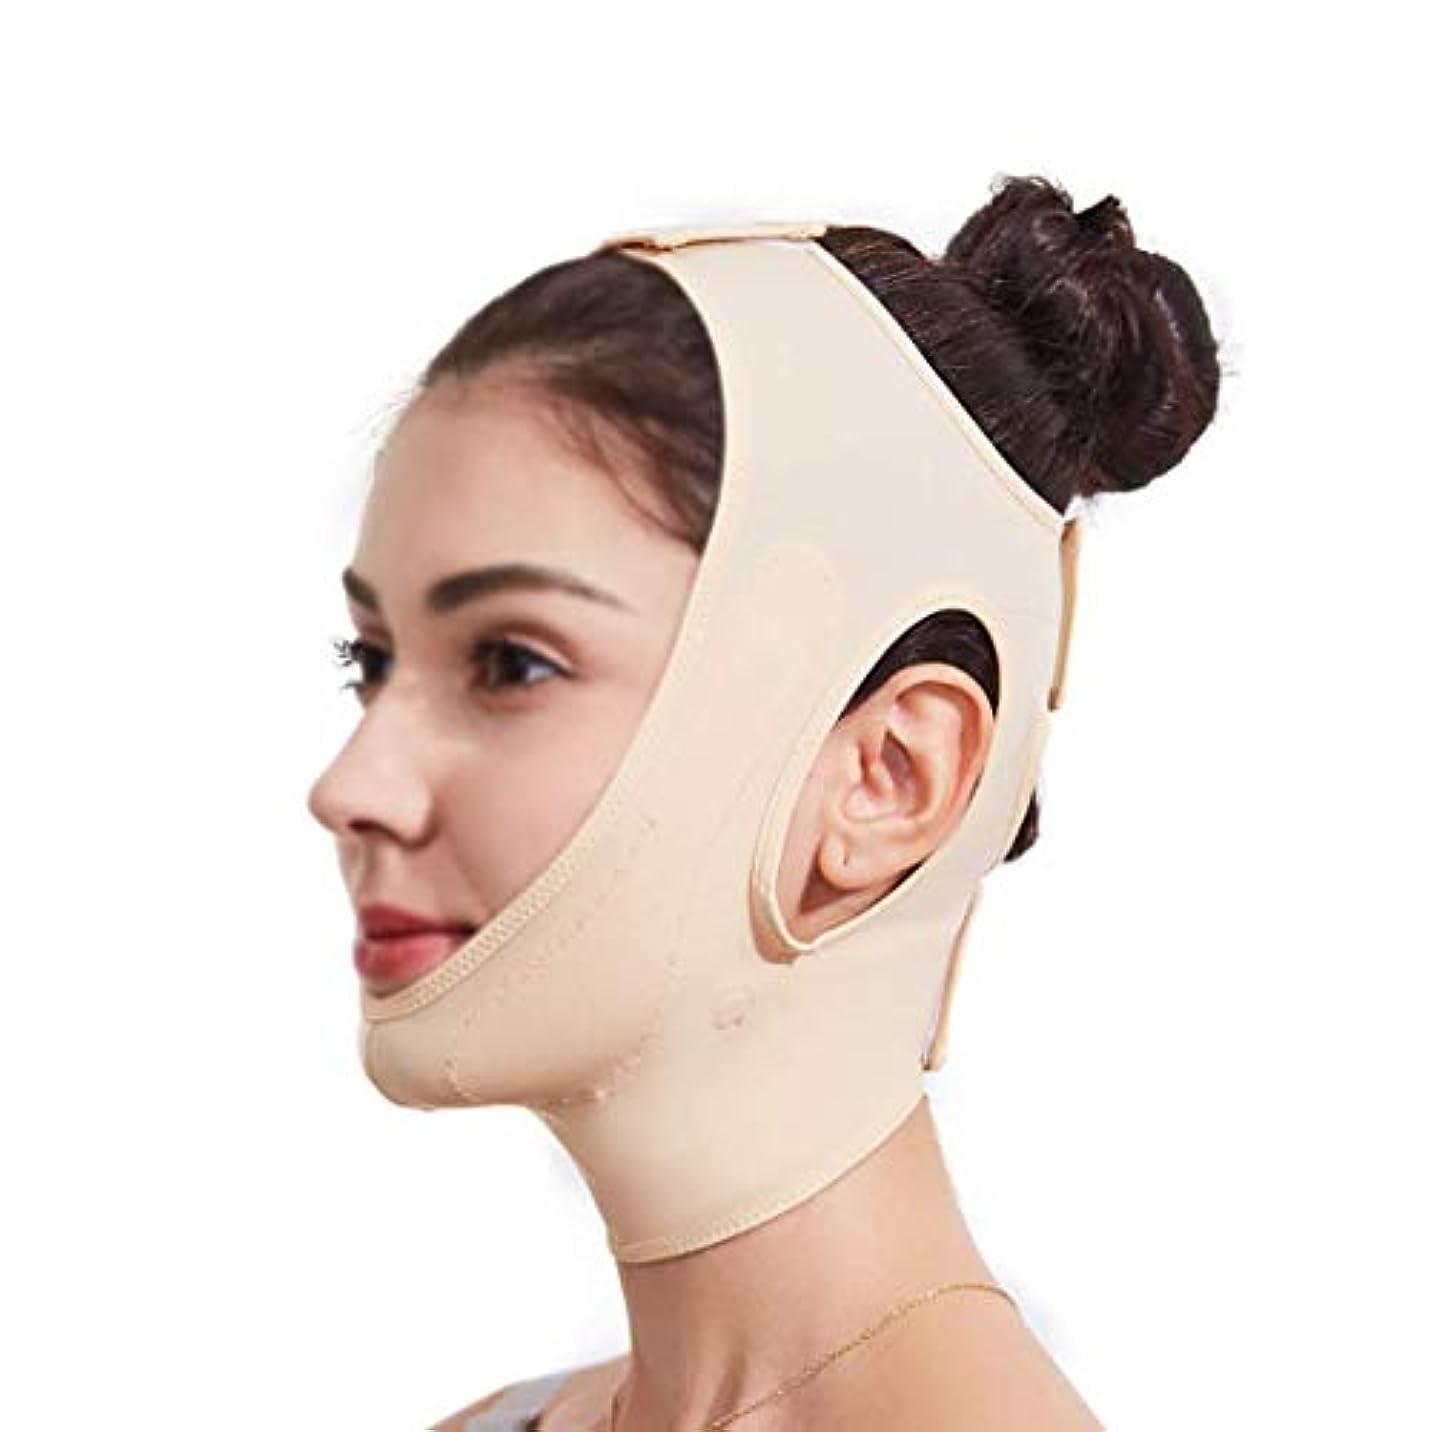 困惑飾る告白フェイスリフティングマスク、360°オールラウンドリフティングフェイシャルコンター、あごを閉じて肌を引き締め、快適でフェイスライトをサポートし、通気性を保ちます(サイズ:ブラック),肌の色